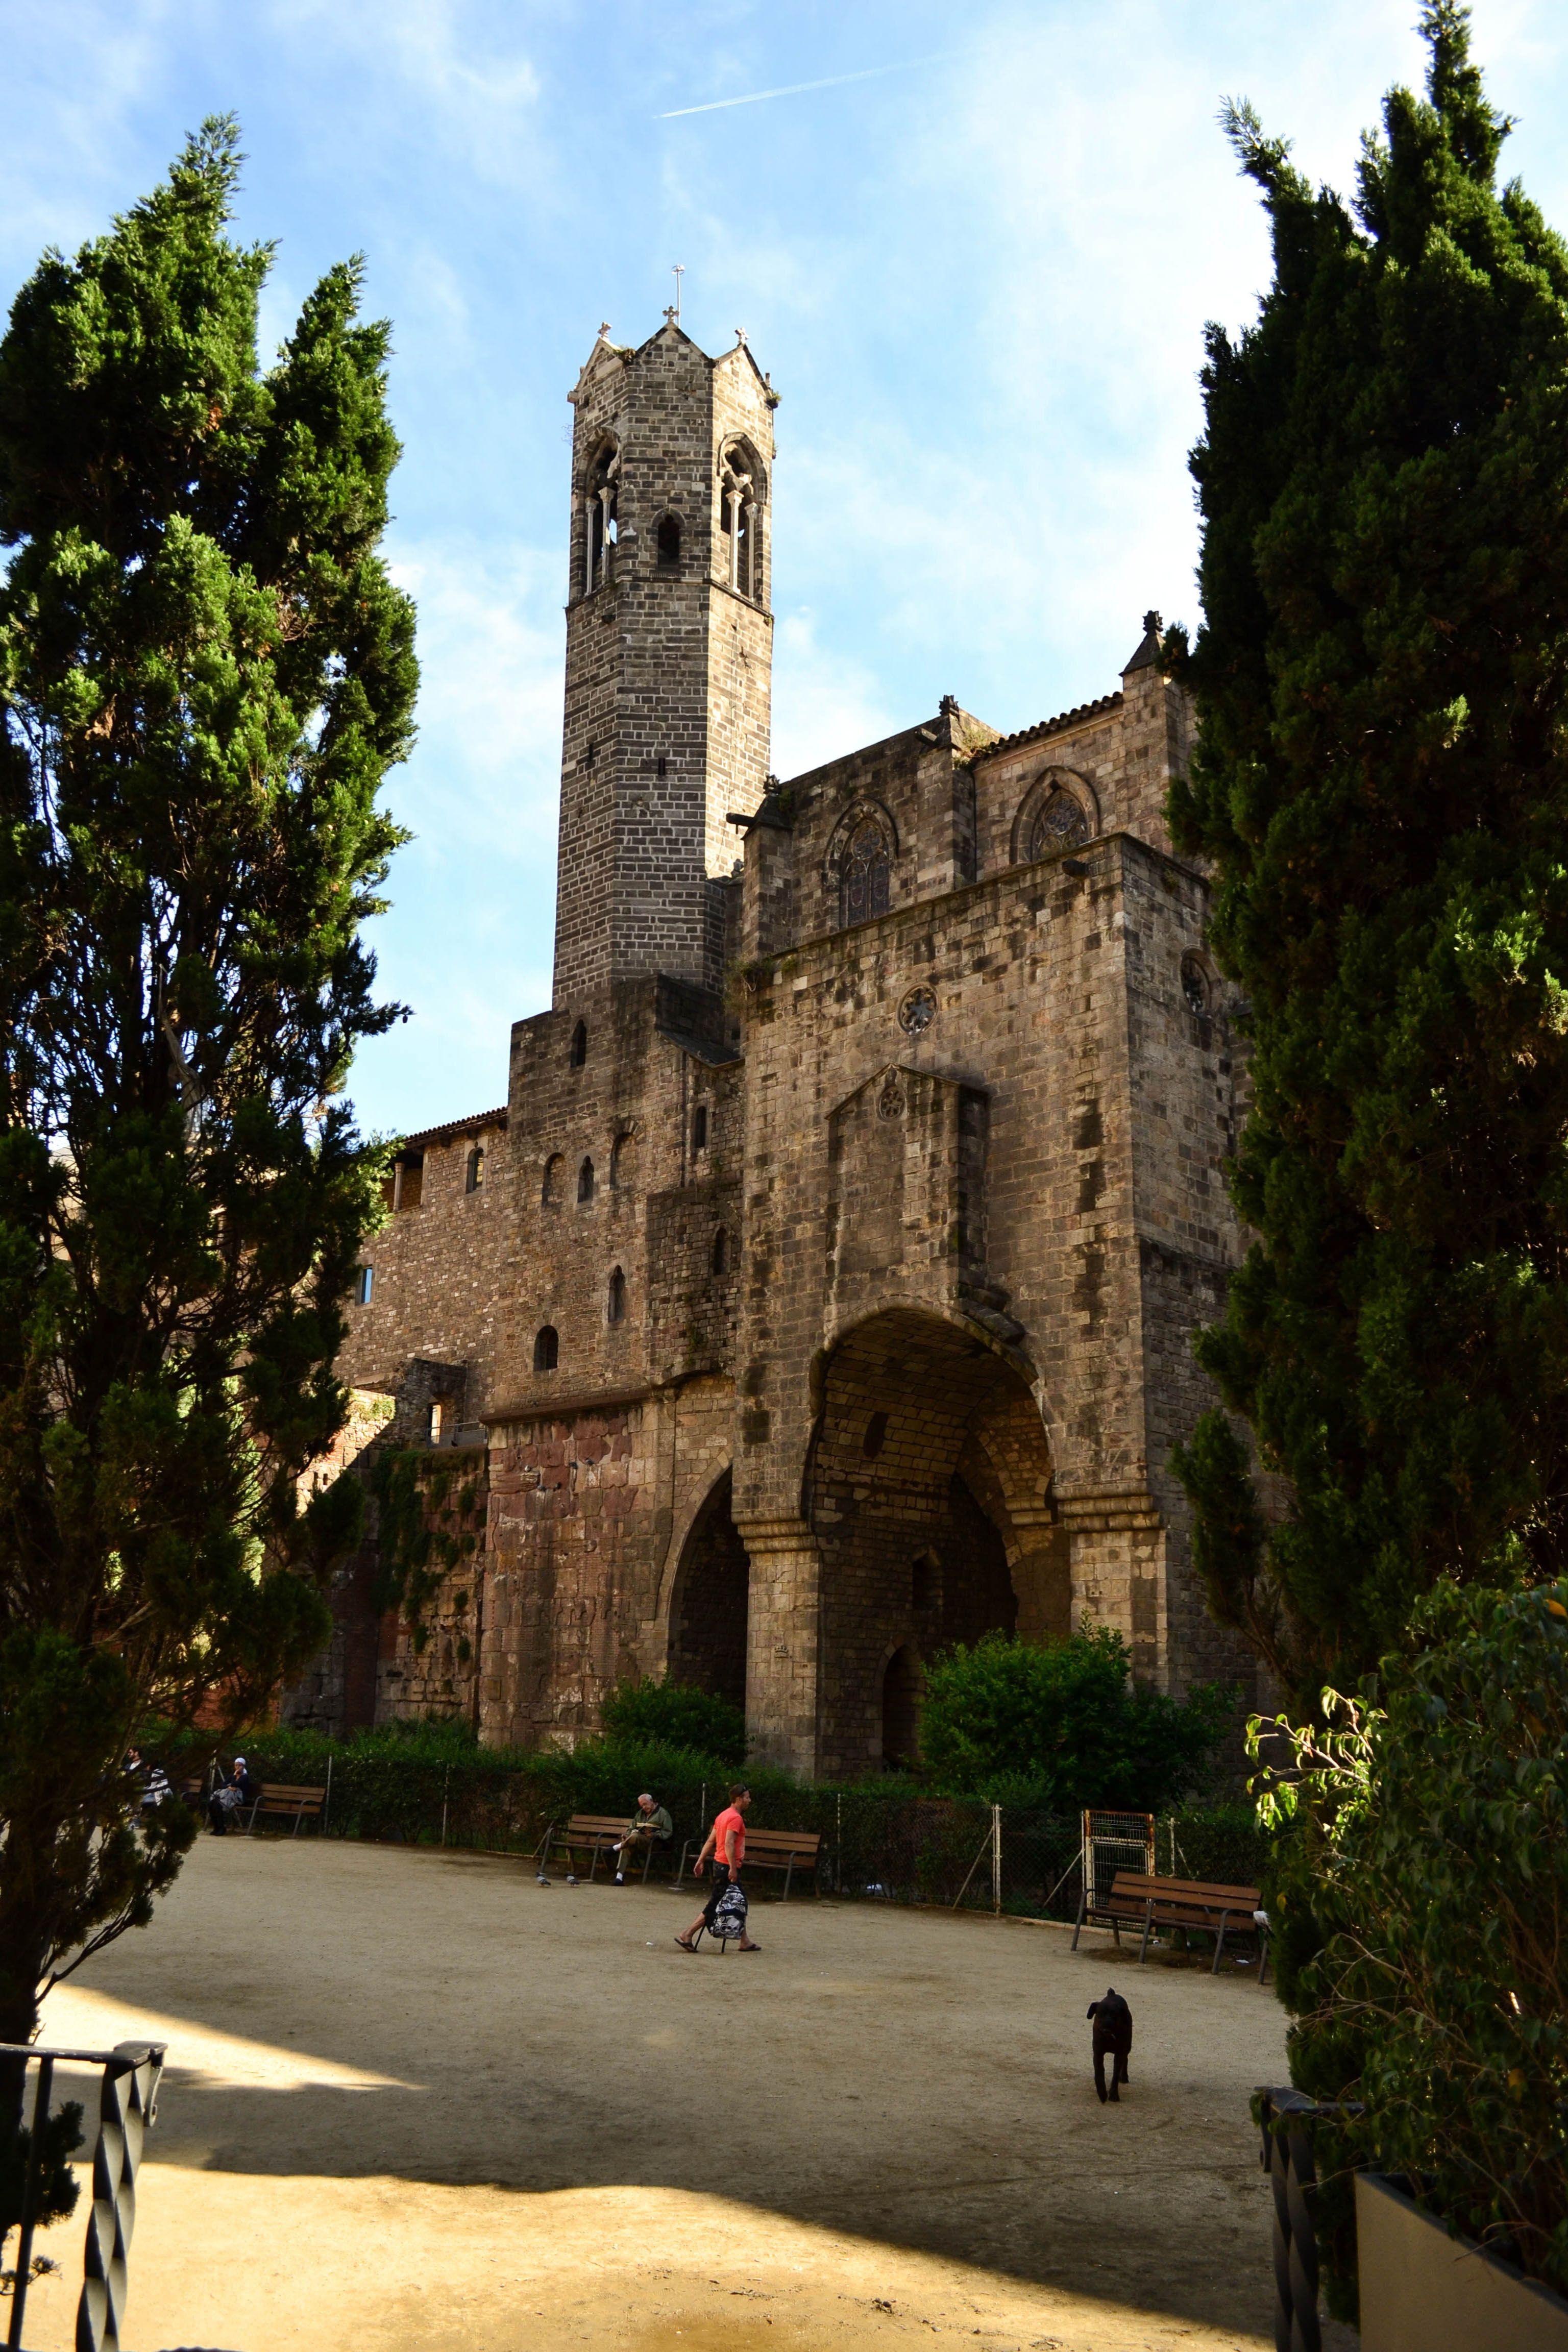 Barcelona. Ciudad increíble, se mezcla lo moderno con lo antiguo, todos los estilos se ven por esta ciudad que abre la cabeza al viajero.